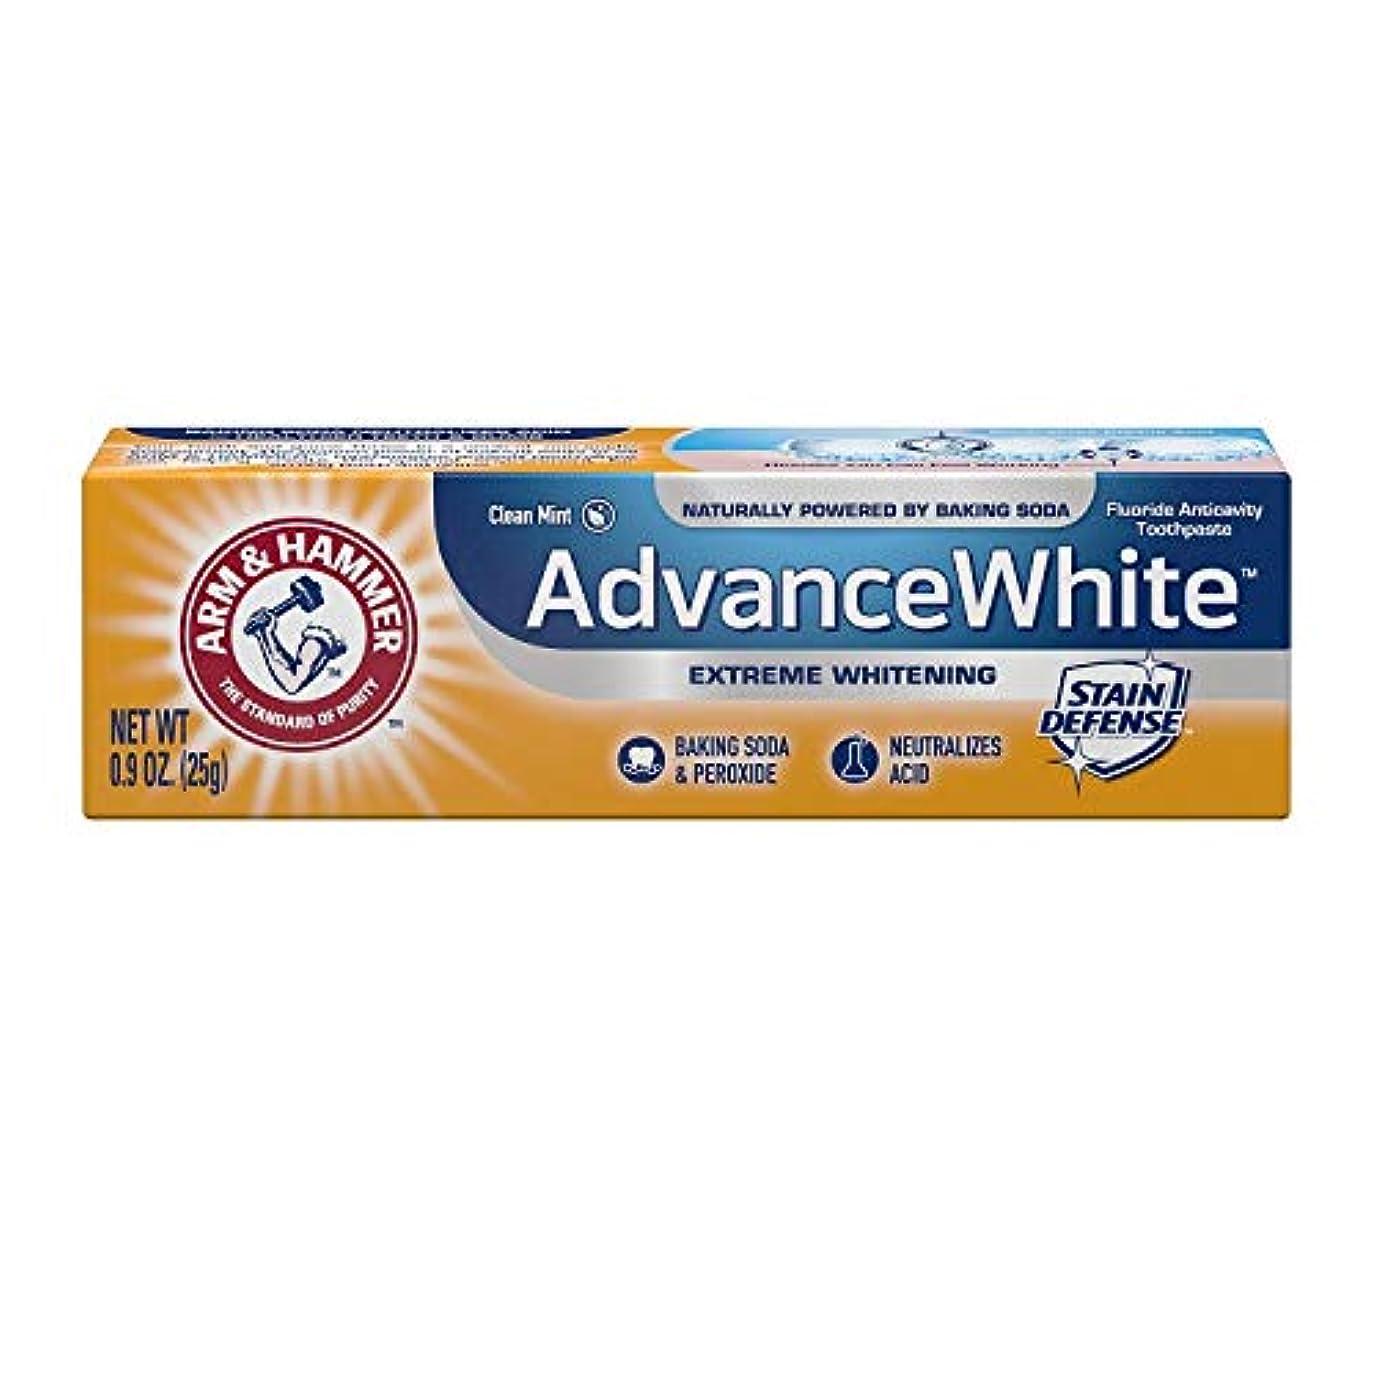 かける改革錆びArm & Hammer Advance White Extreme Whitening with Stain Defense Baking Soda & Peroxide Toothpaste - 4.3 oz by...